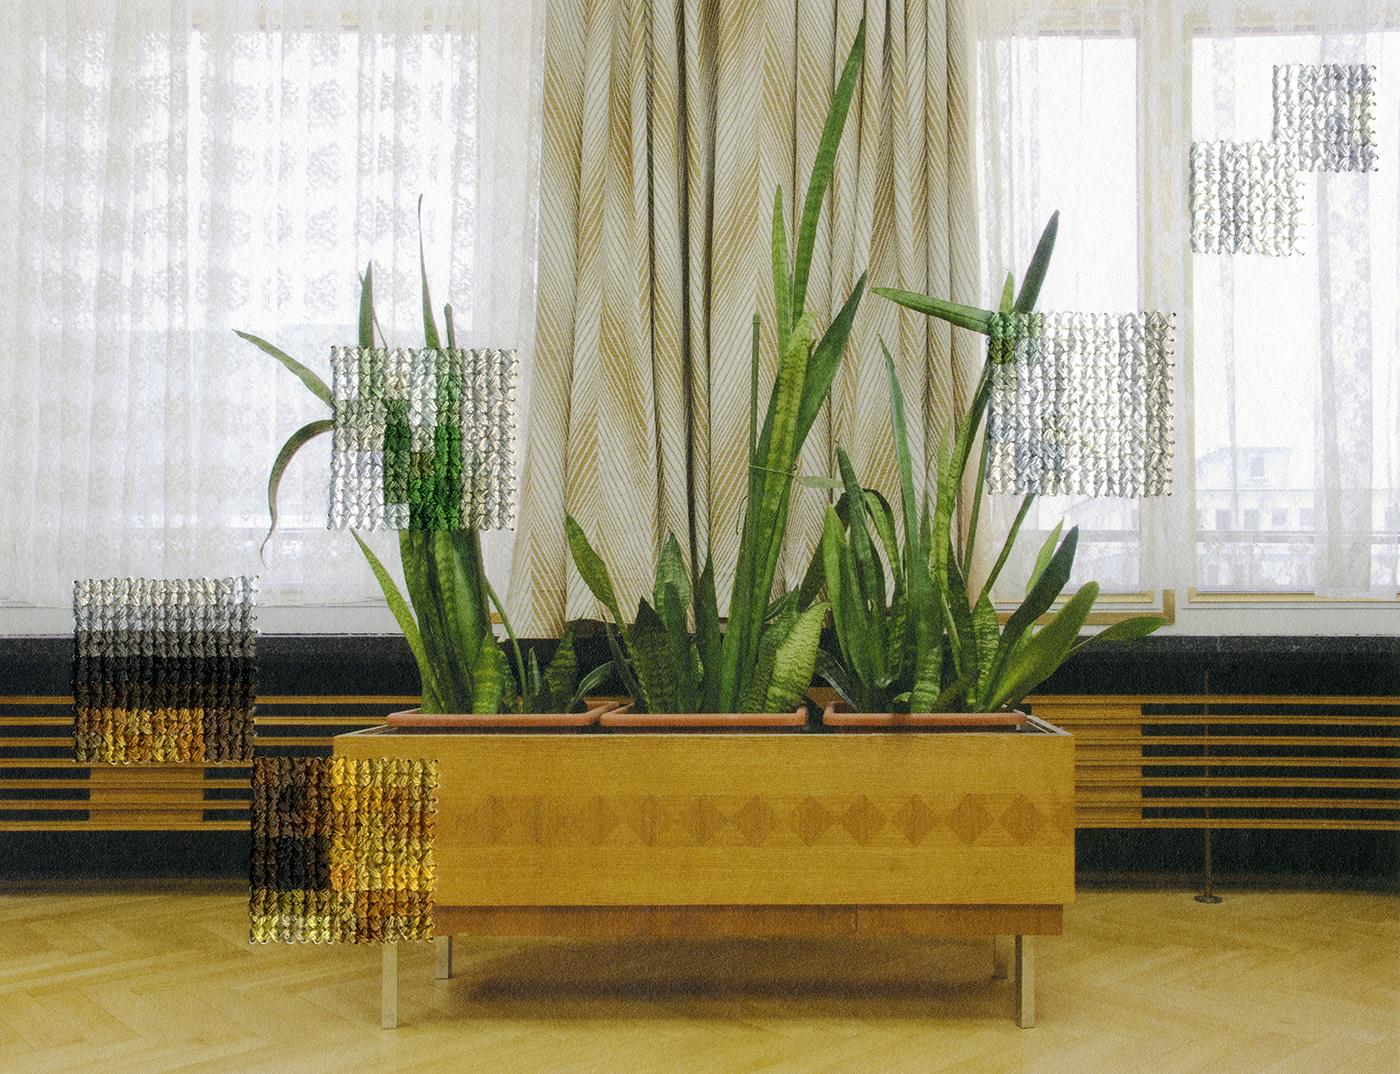 Diane Meyer_USA_Berlin_07.jpg